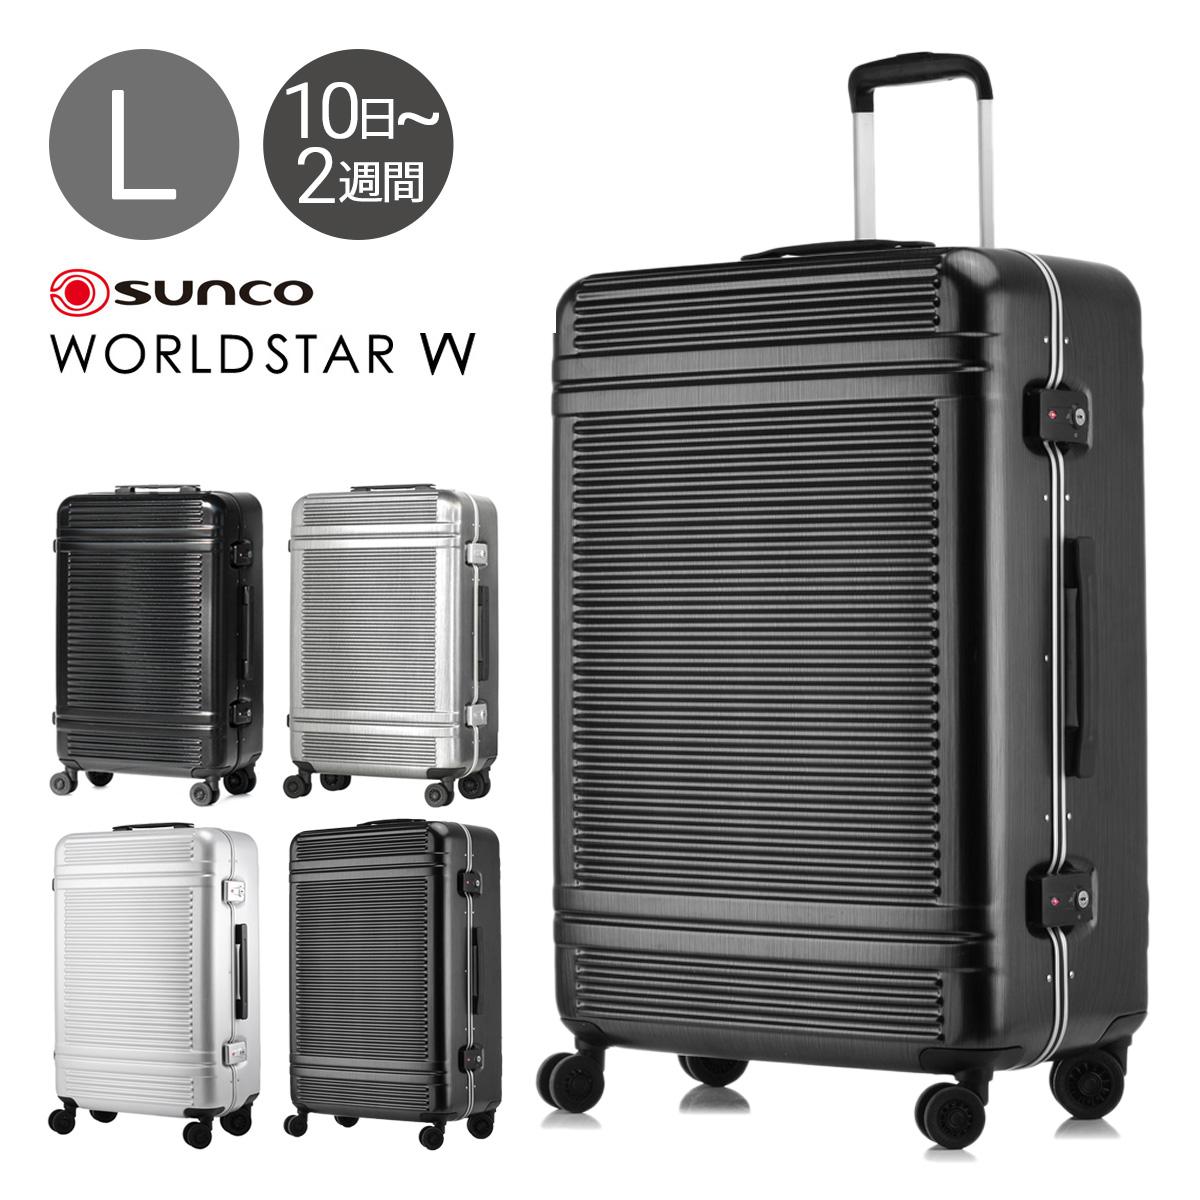 サンコー スーツケース WSW1-68 68cm 【 ワールドスター WORLDSTAR W 】【 キャリーケース ビジネスキャリー 軽量 TSAロック搭載 】[bef][即日発送][PO10]